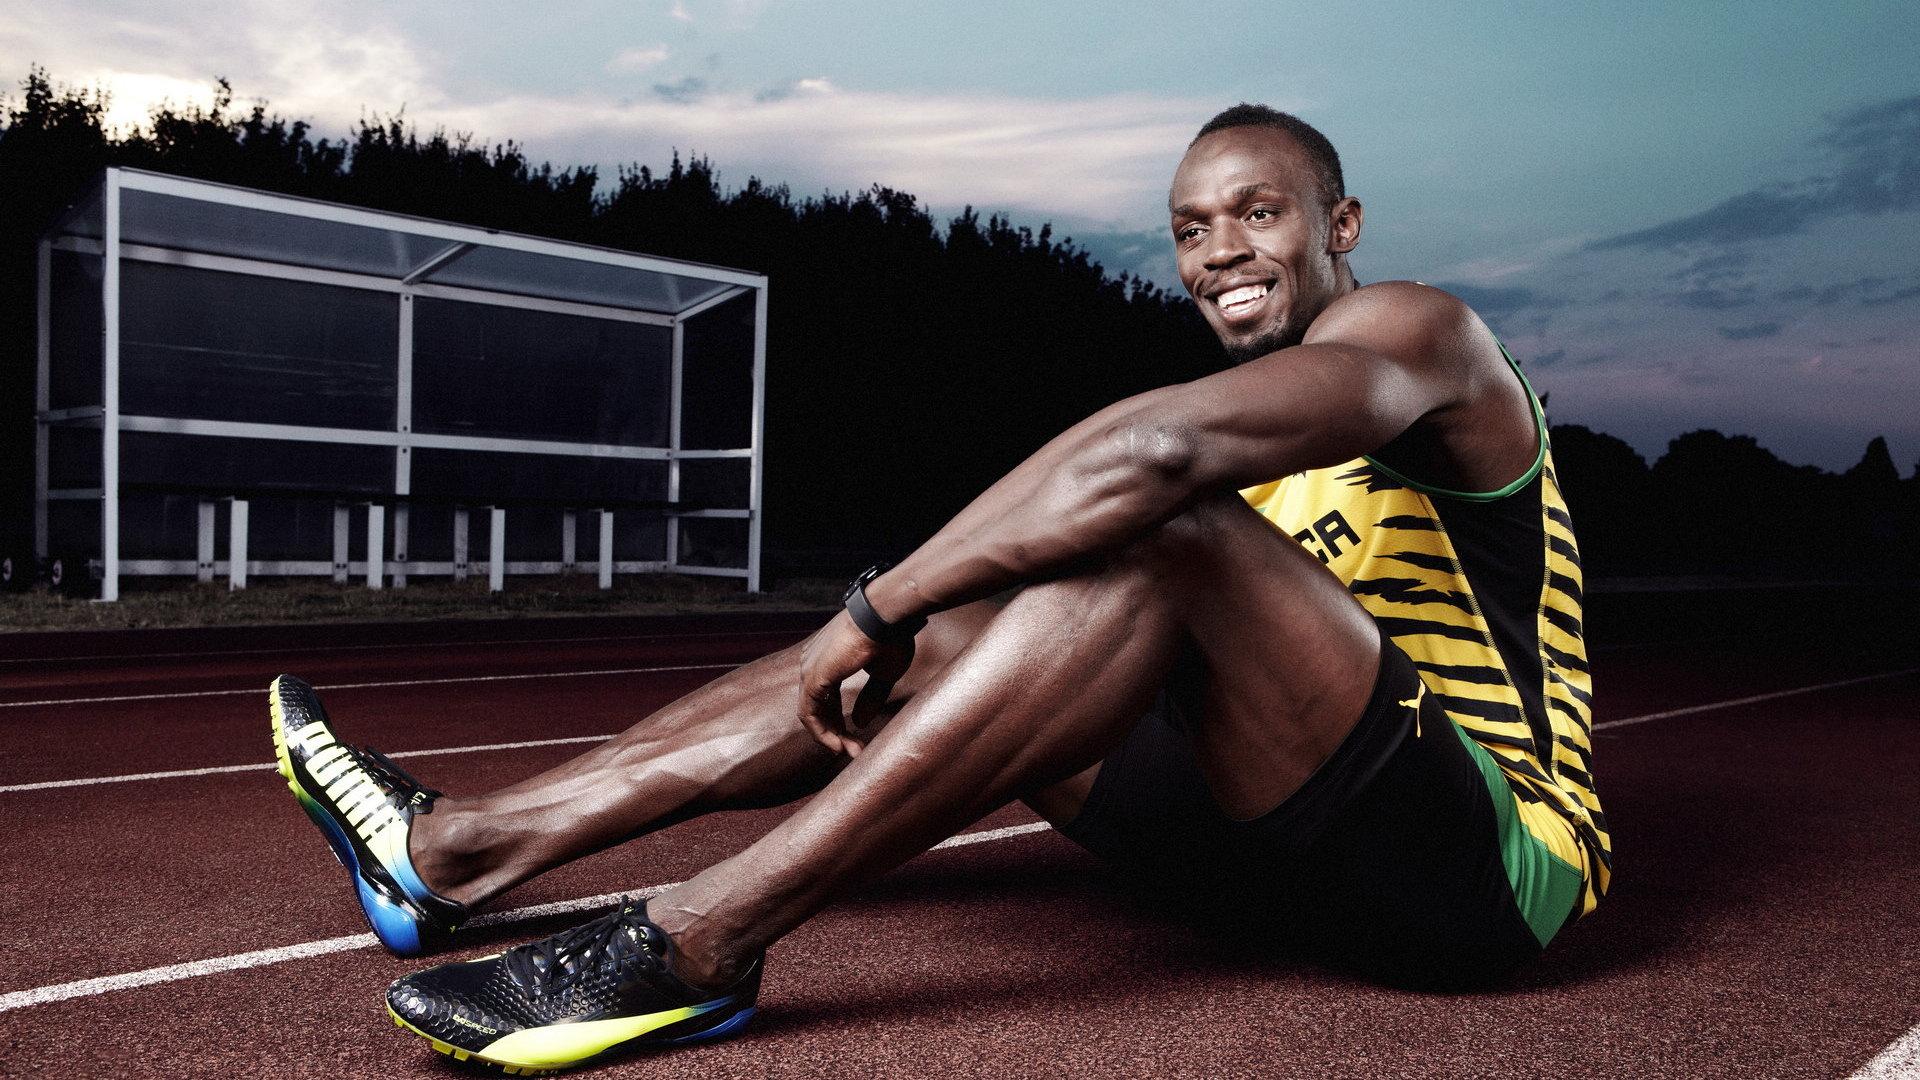 田径短跑运动员尤塞恩·博尔特4K超高清壁纸图片